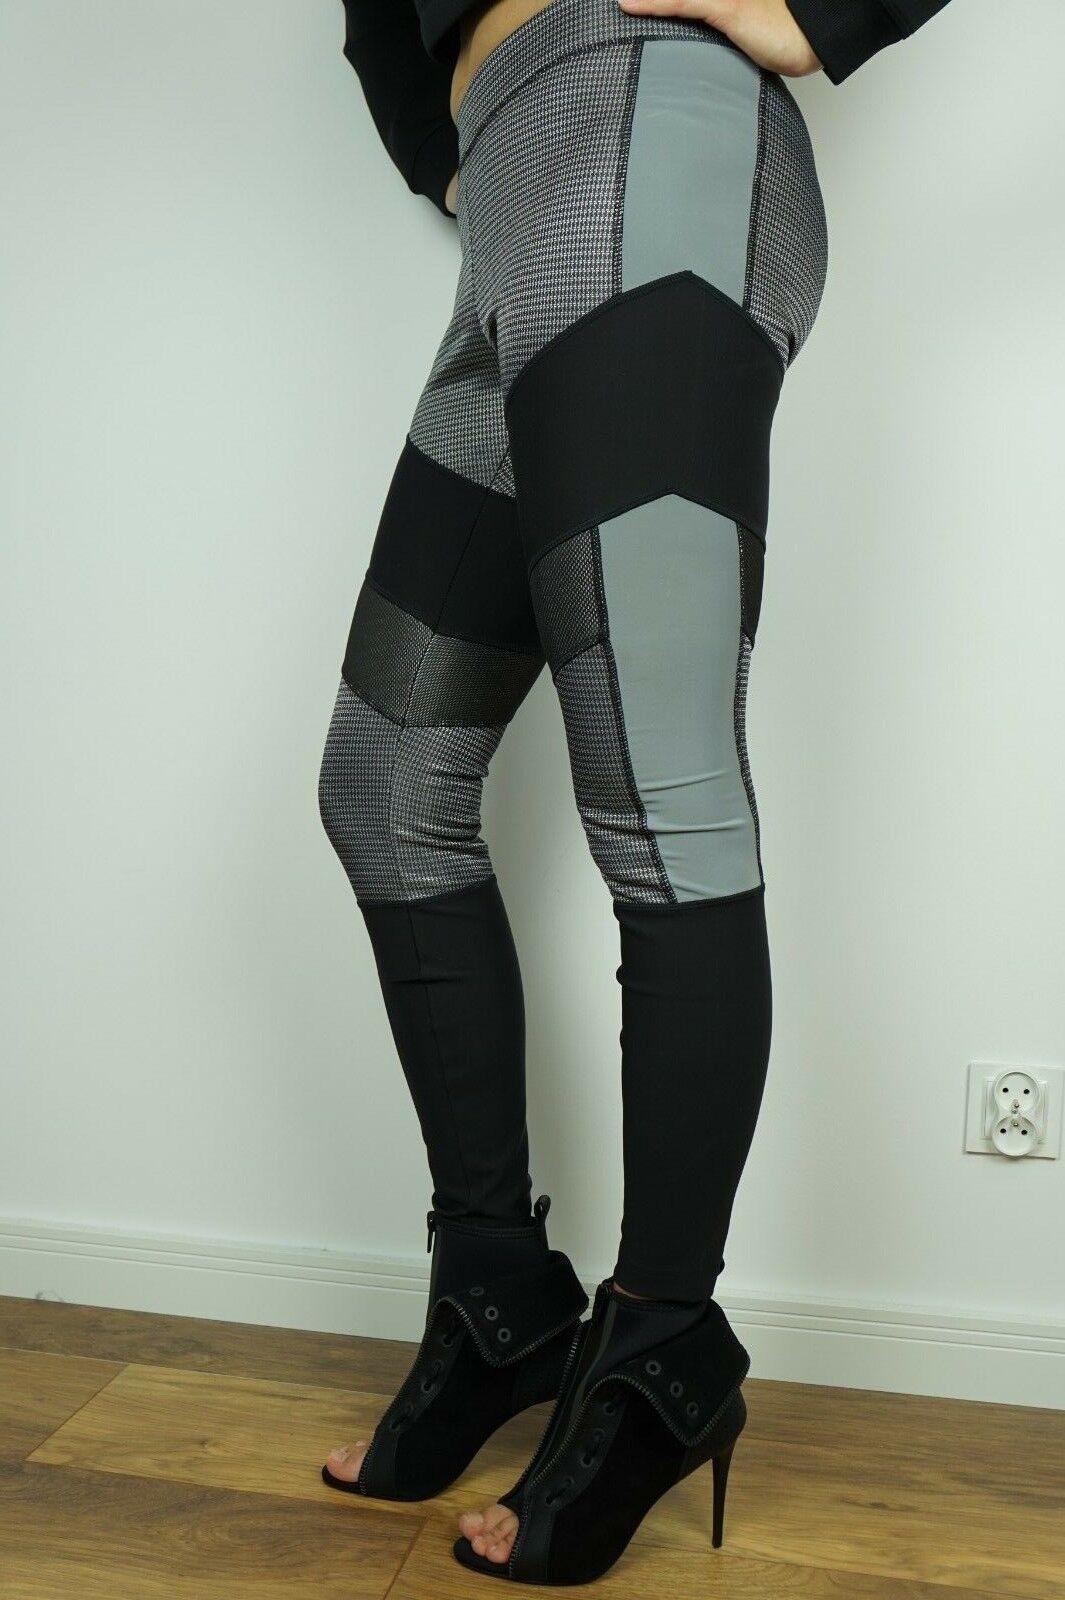 nouveau Alexander Wang H&M Reflective Pants courirway Yoga Leggings Blac gris Plaid US8